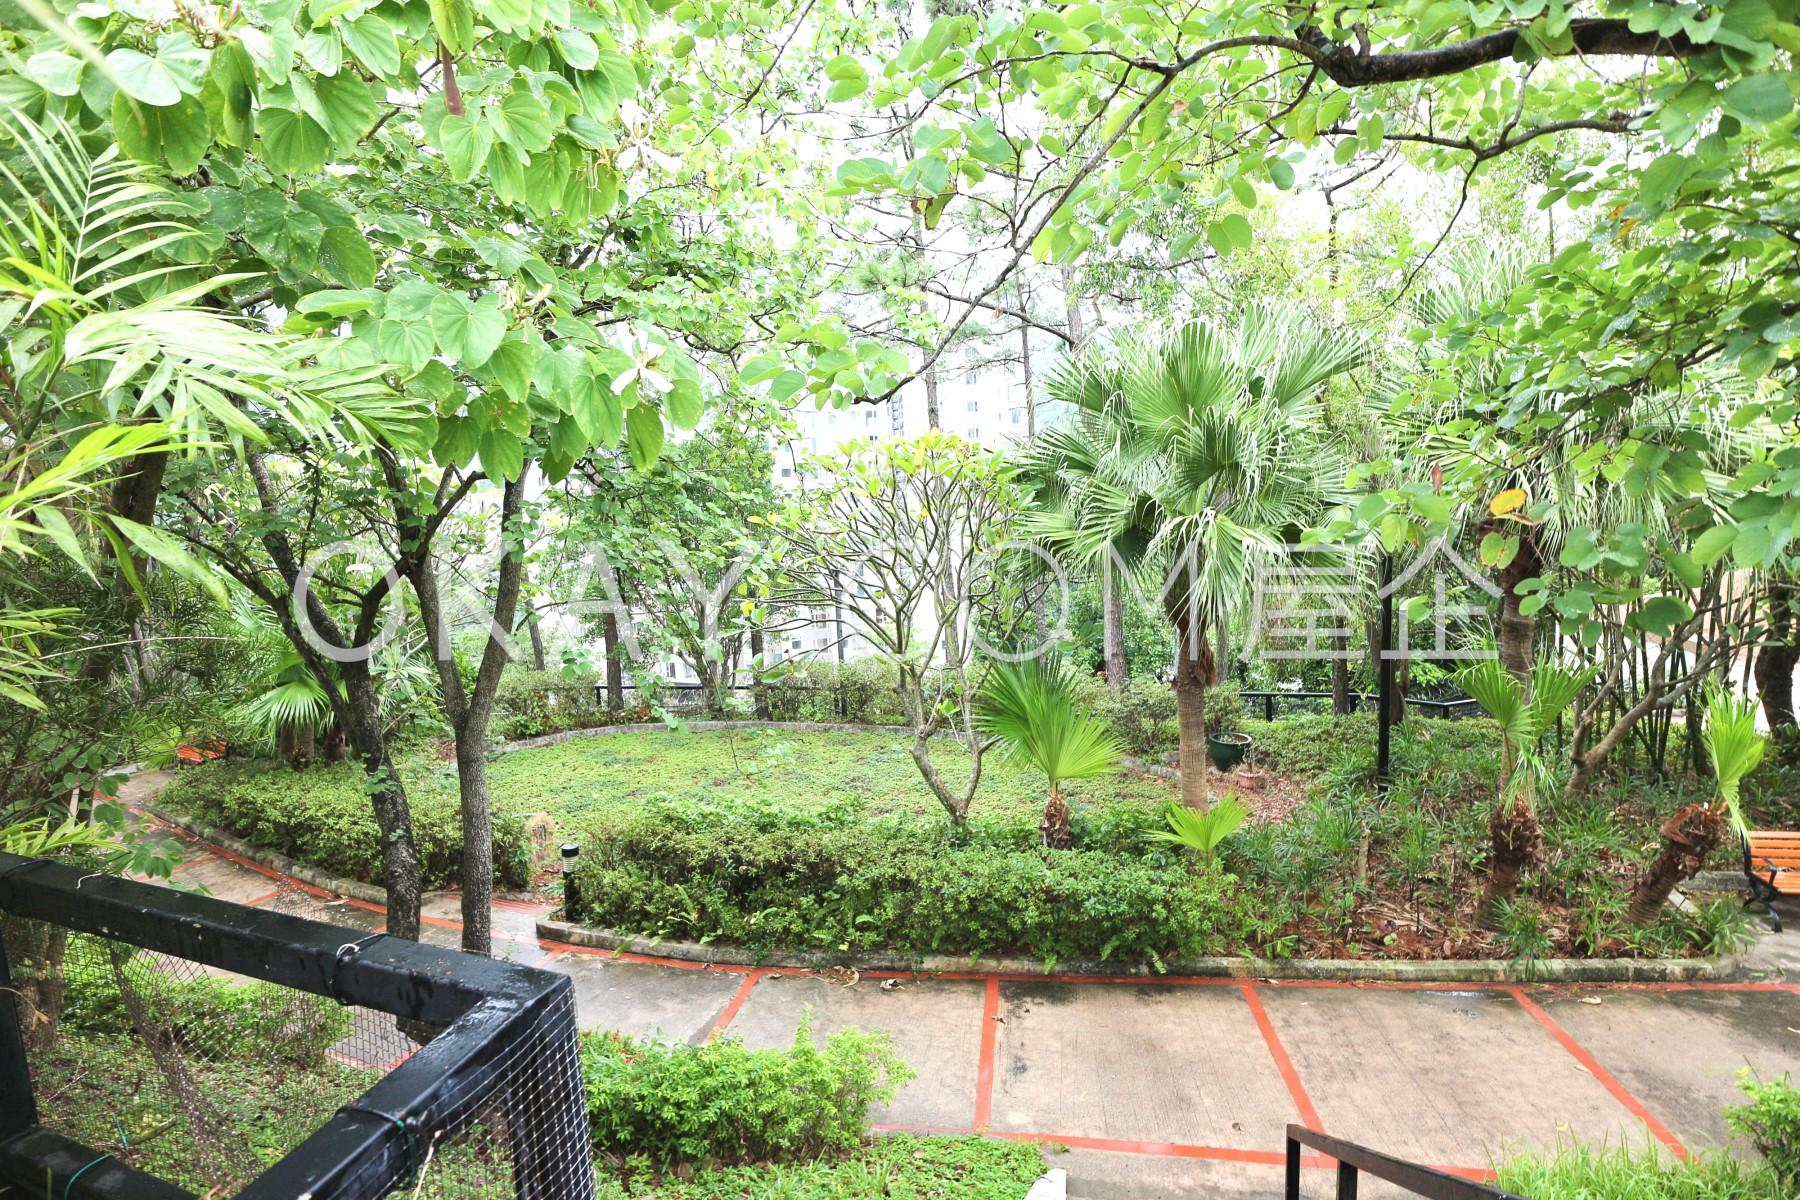 Public garden area